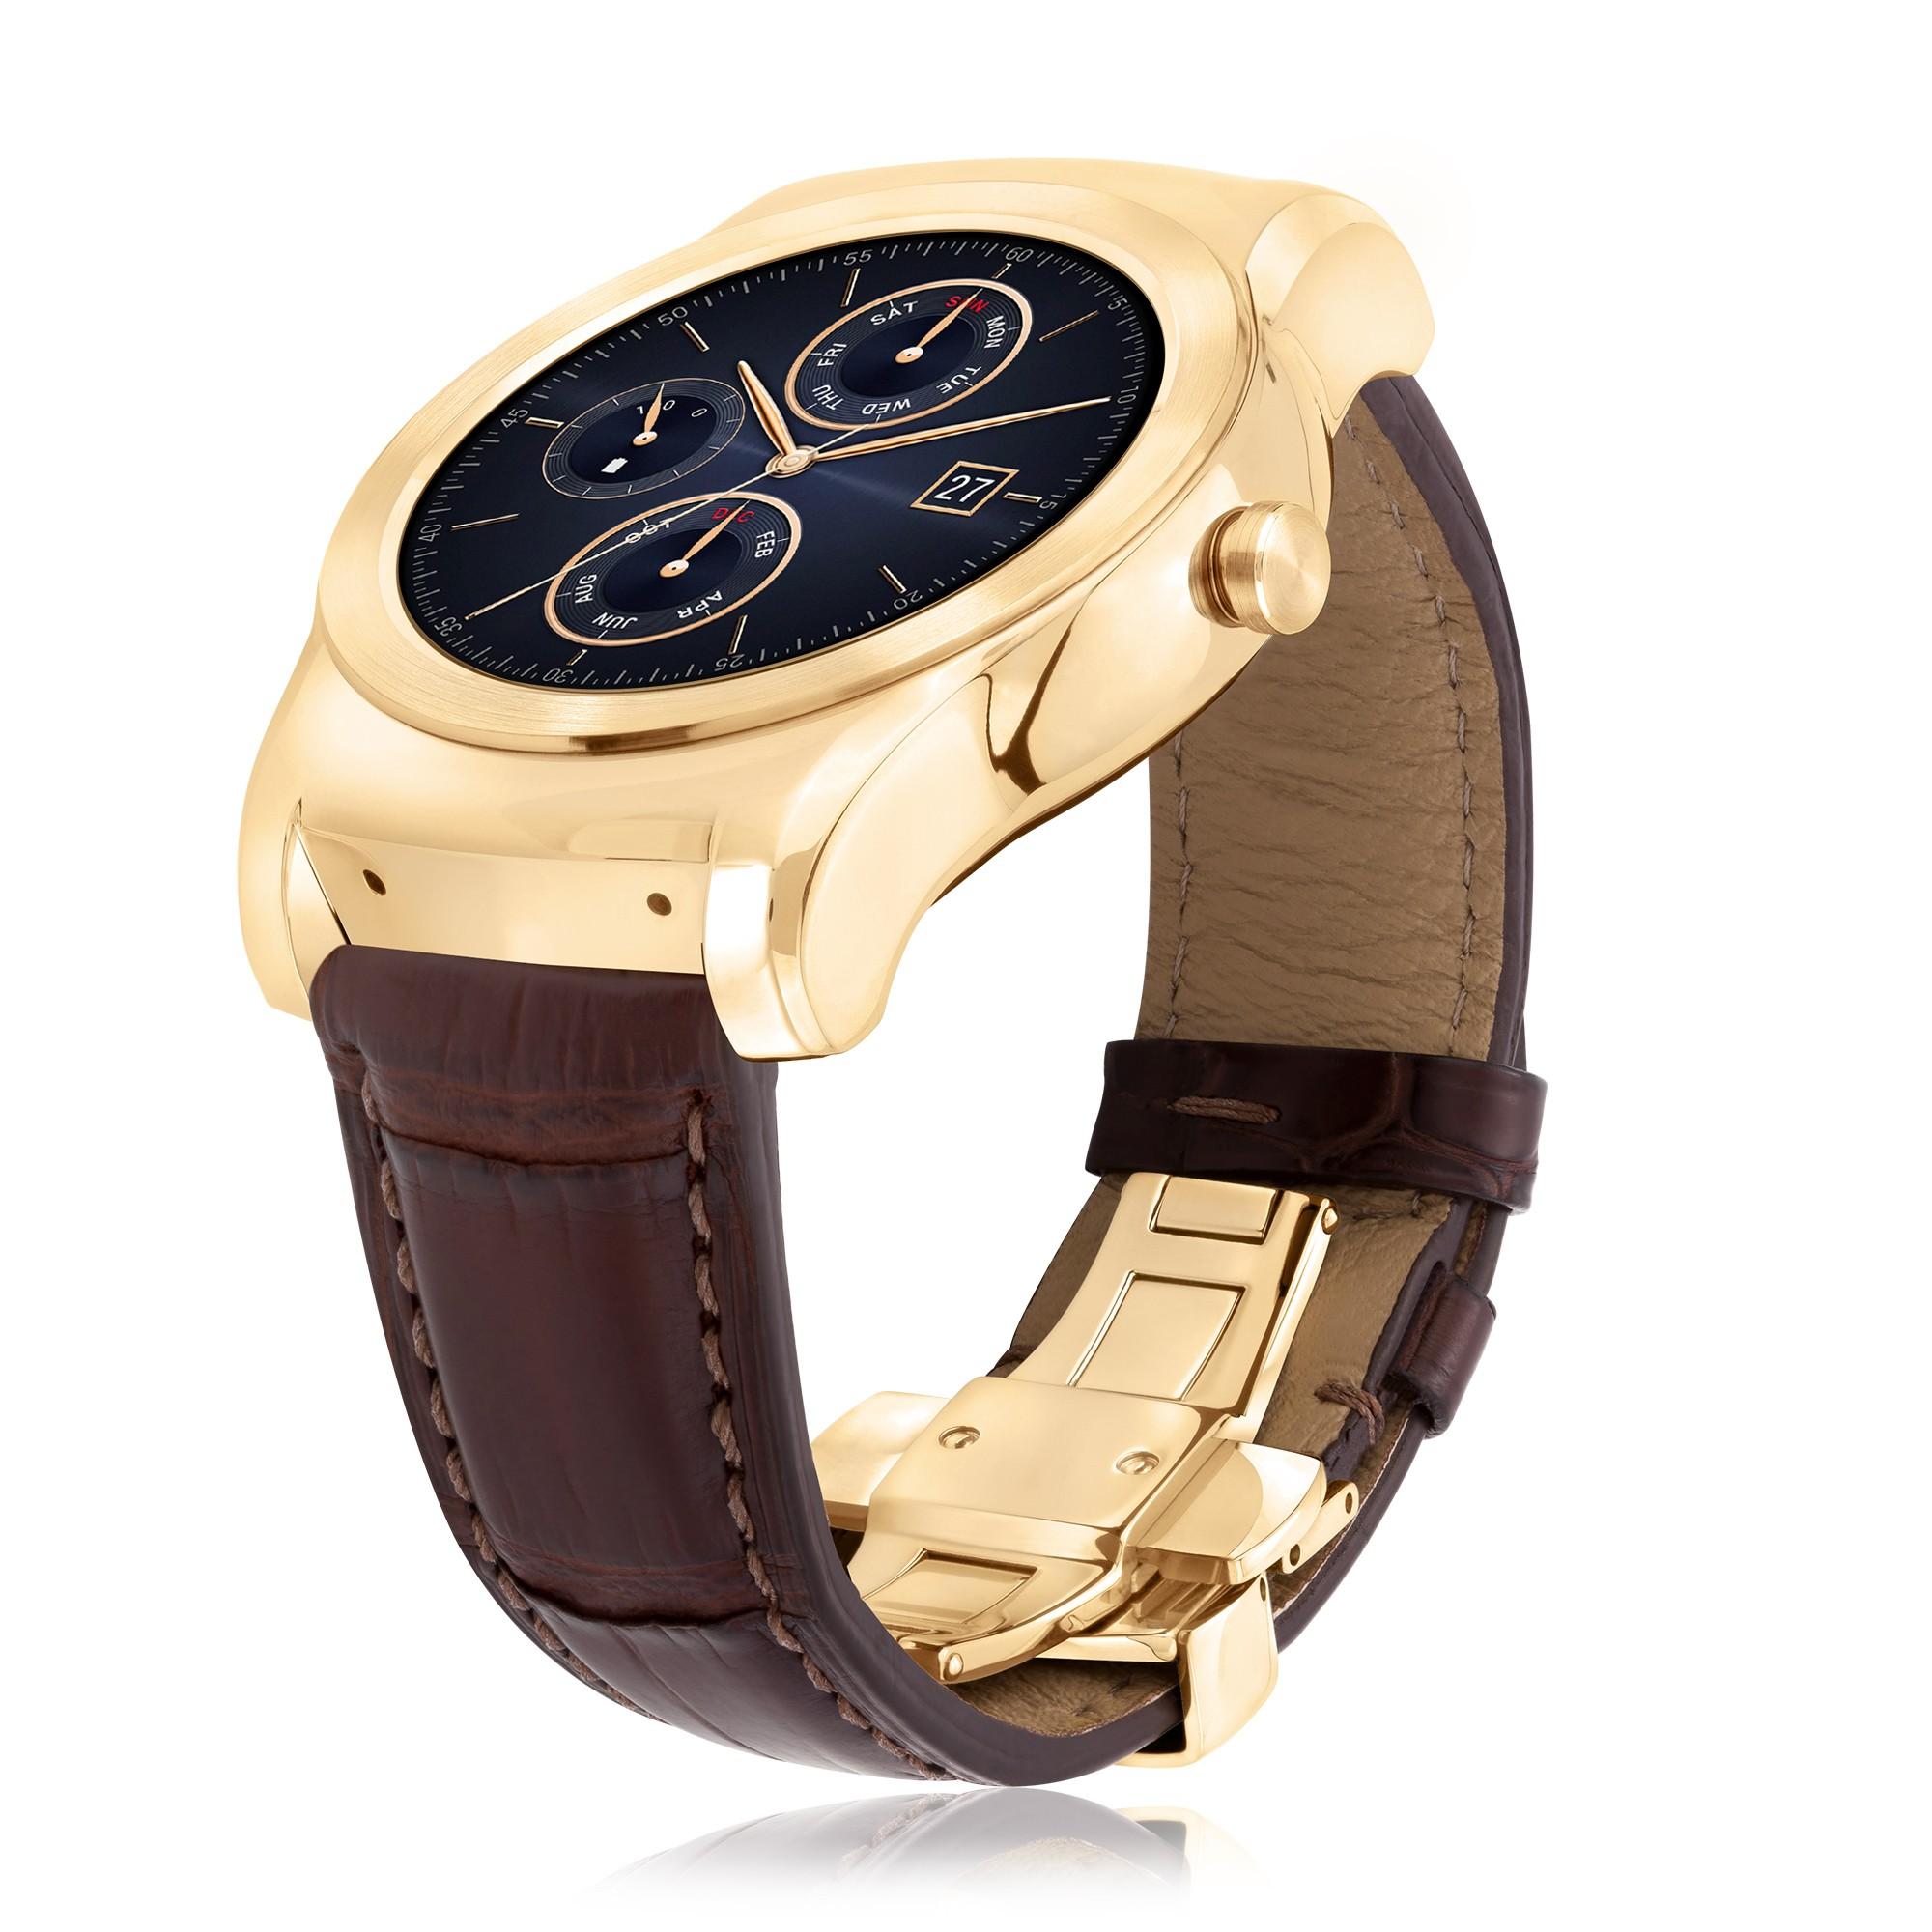 LG dévoile la Watch Urbane Luxe, une version à 1200 dollars de la Watch Urbane